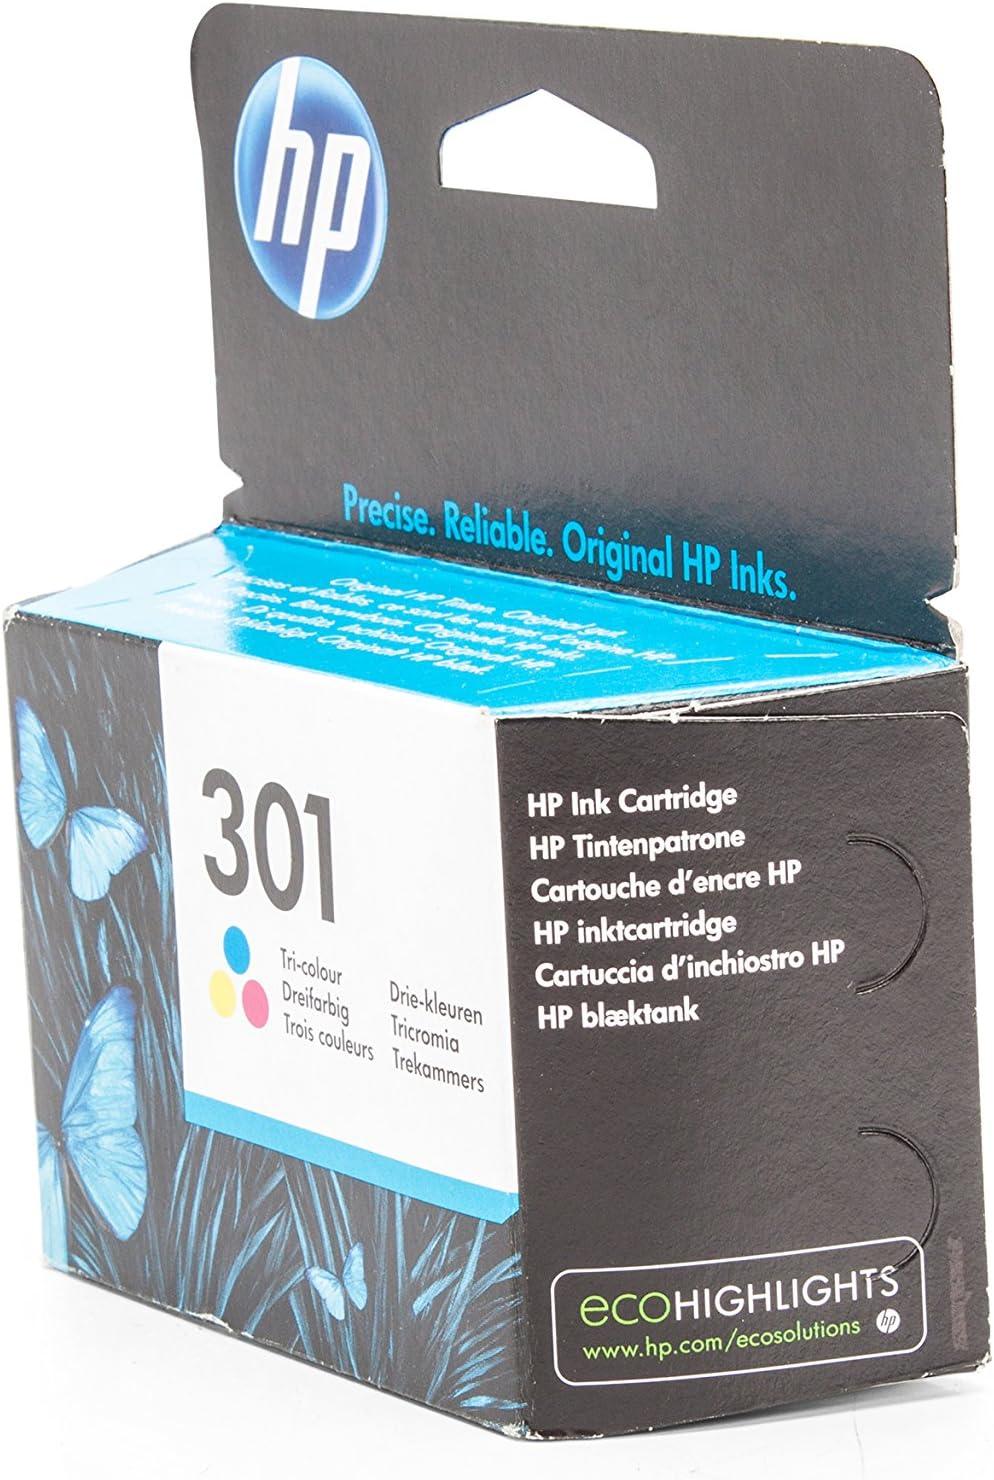 Original Tinte Hp 301 Ch562ee 1 Tinten Patrone Cyan Magenta Gelb 165 Seiten 3 Ml Bürobedarf Schreibwaren